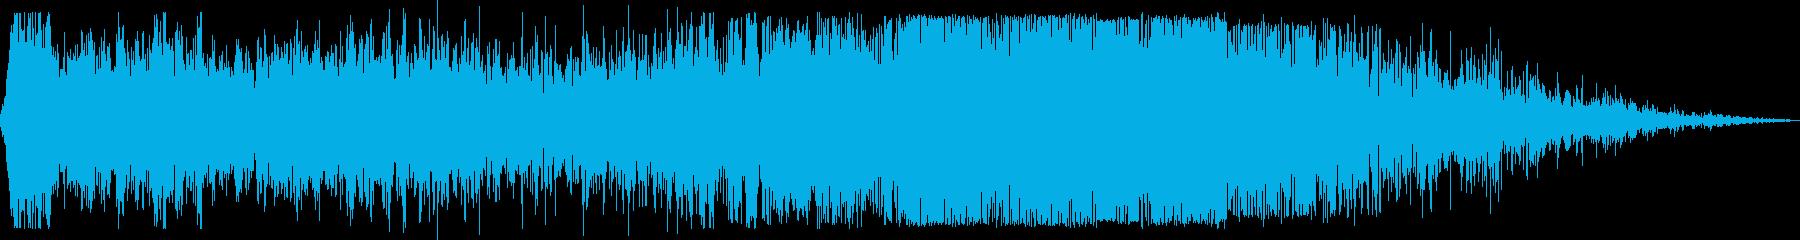 旅客機が滑走路から離陸(滑走路入りから)の再生済みの波形